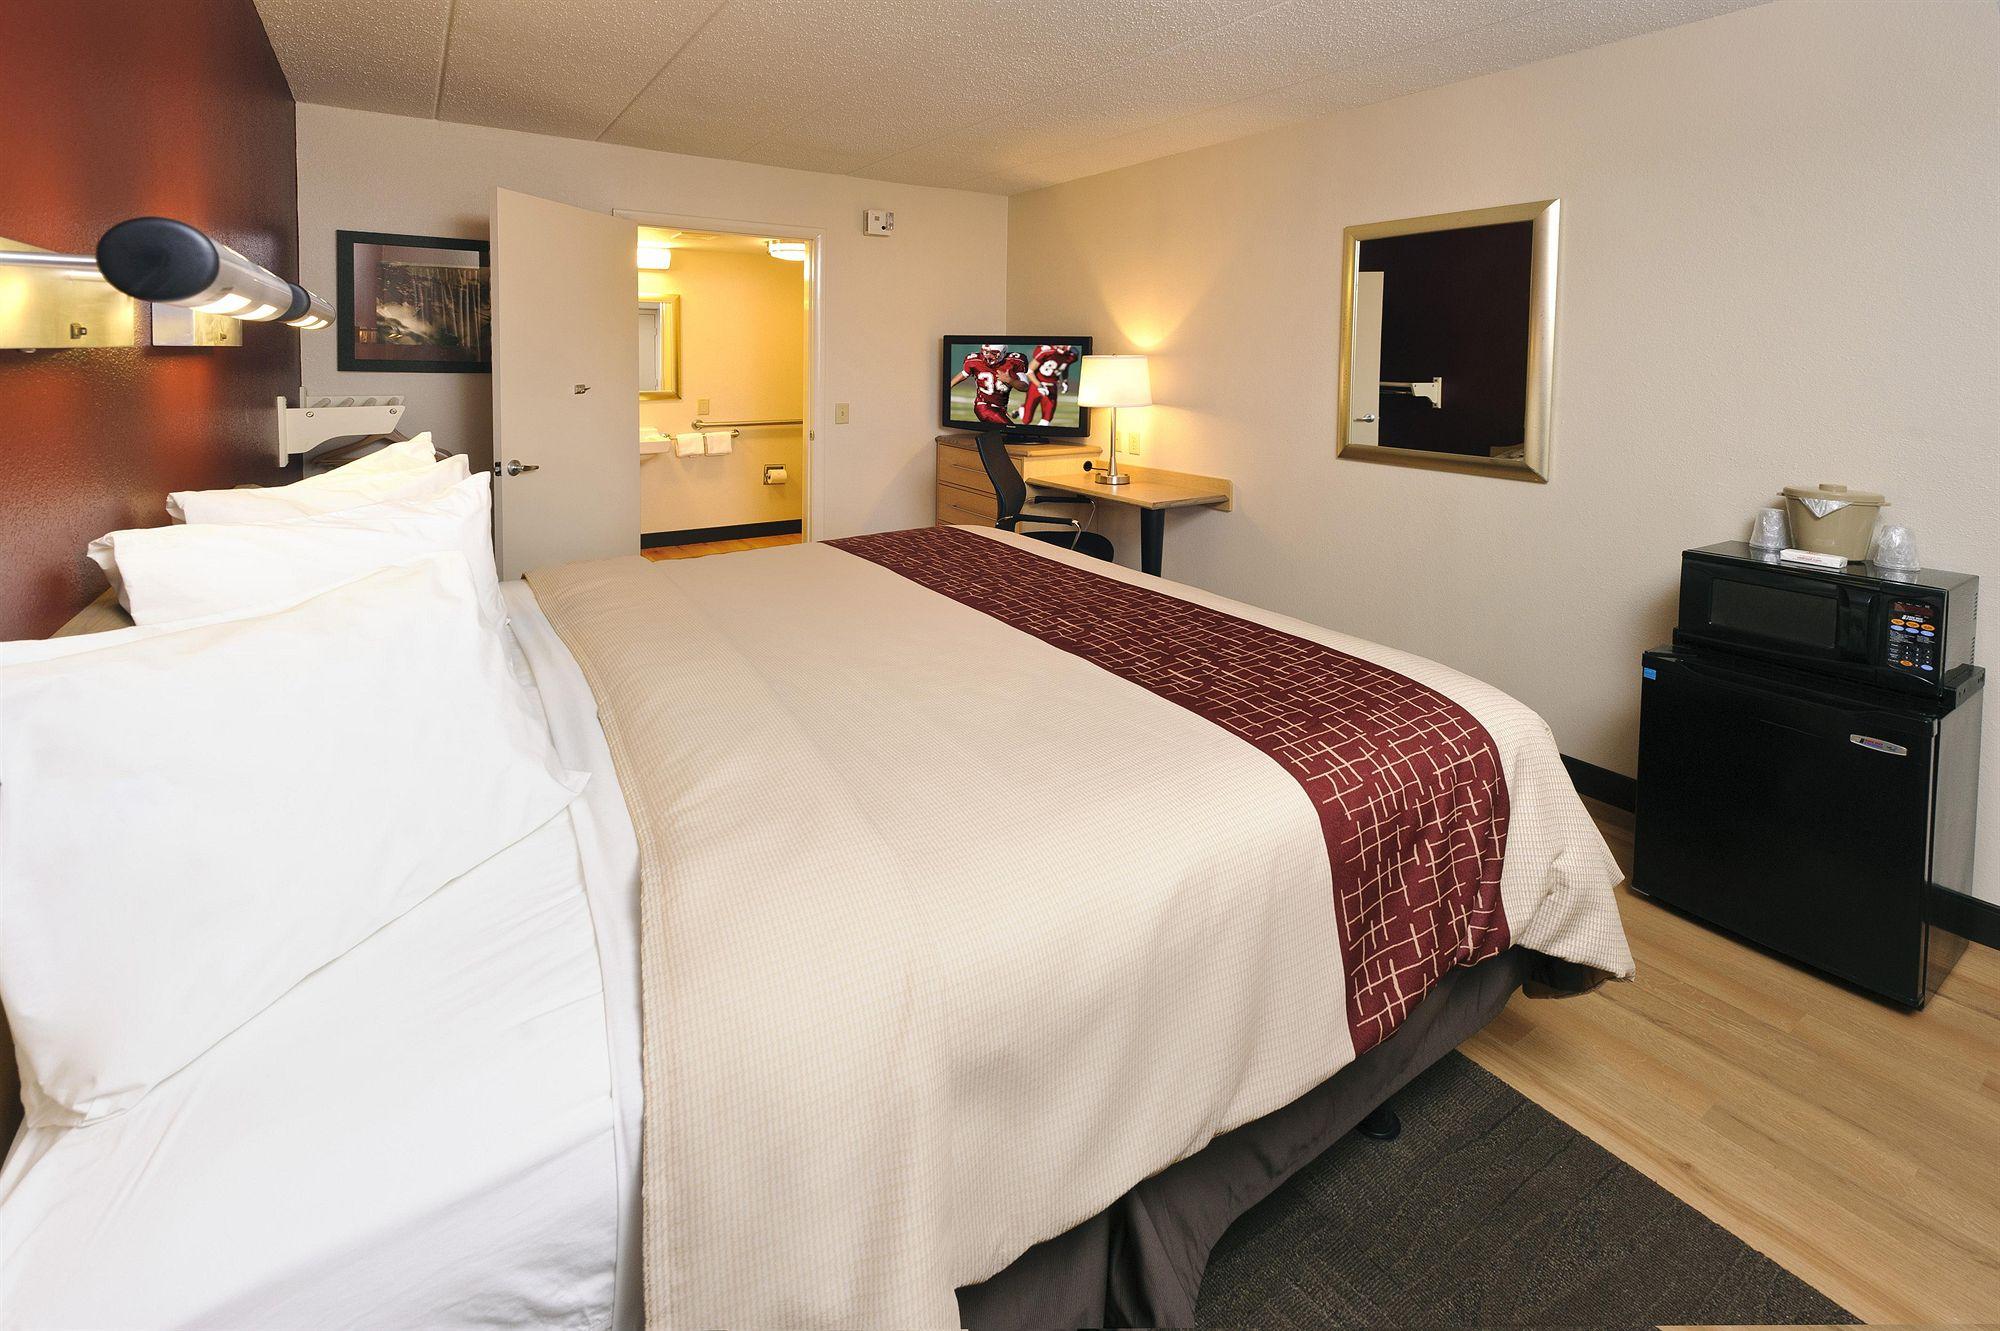 Red Roof Inn Charleston - Kanawha City in Kanawha City, WV